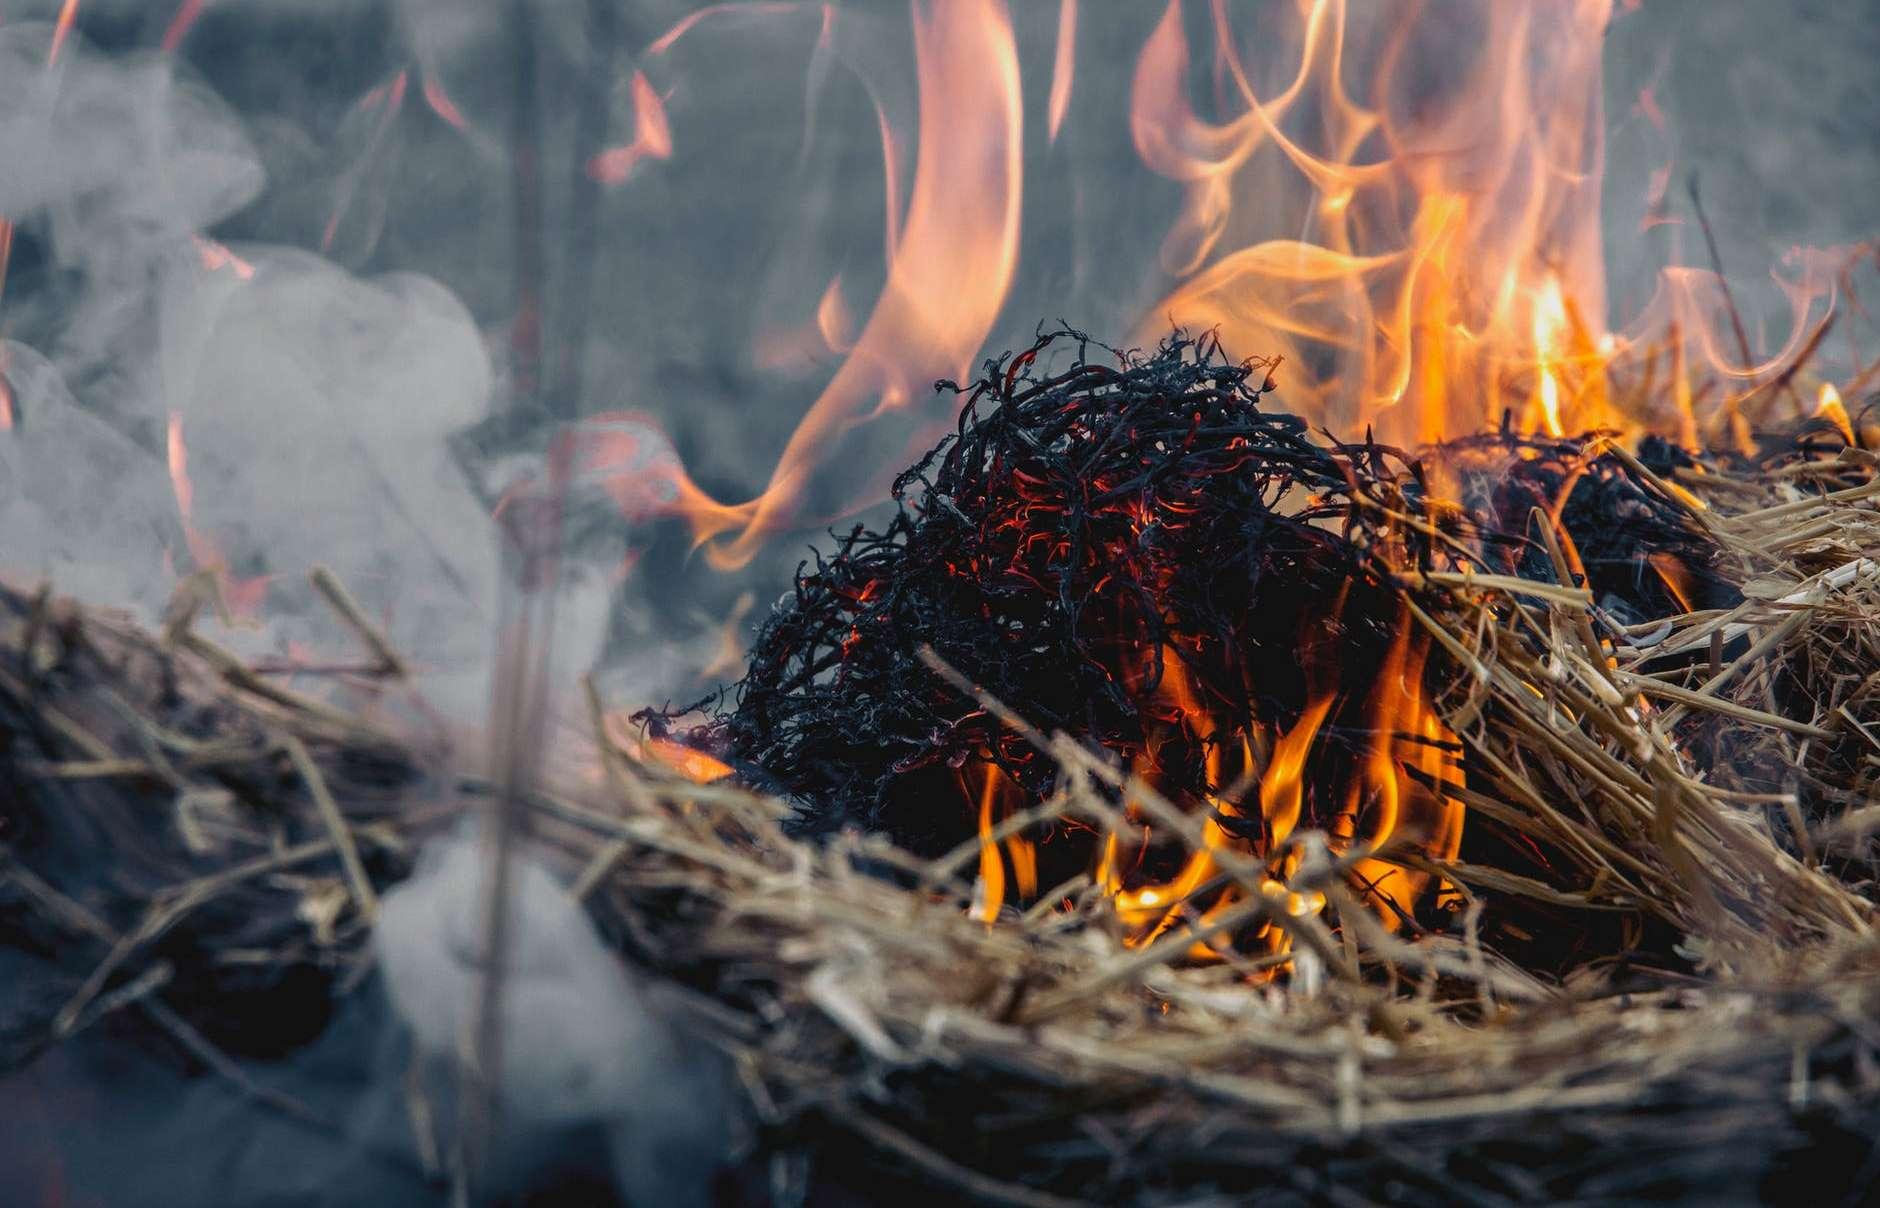 В Ногайском районе загорелась сухая трава